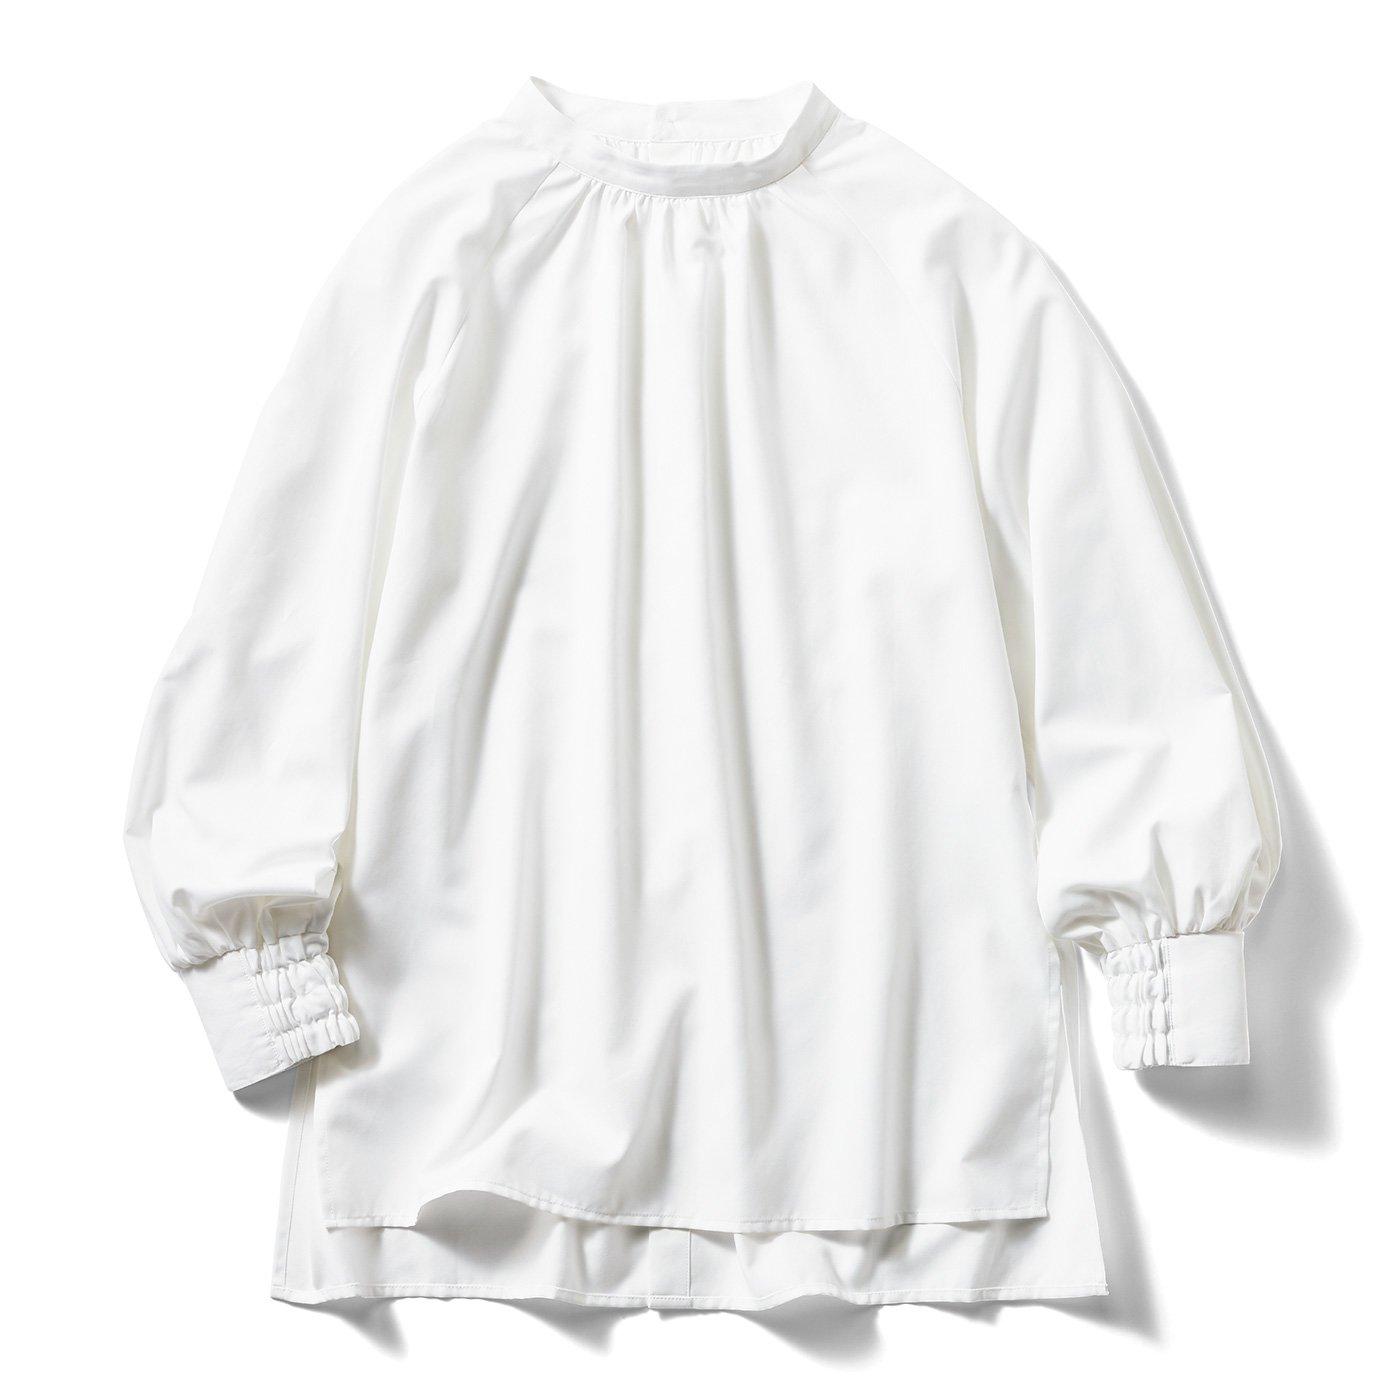 【3~10日でお届け】IEDIT[イディット] UVカット&防汚加工 クレバー素材のしなやかドレスシャツ〈ギャザー〉